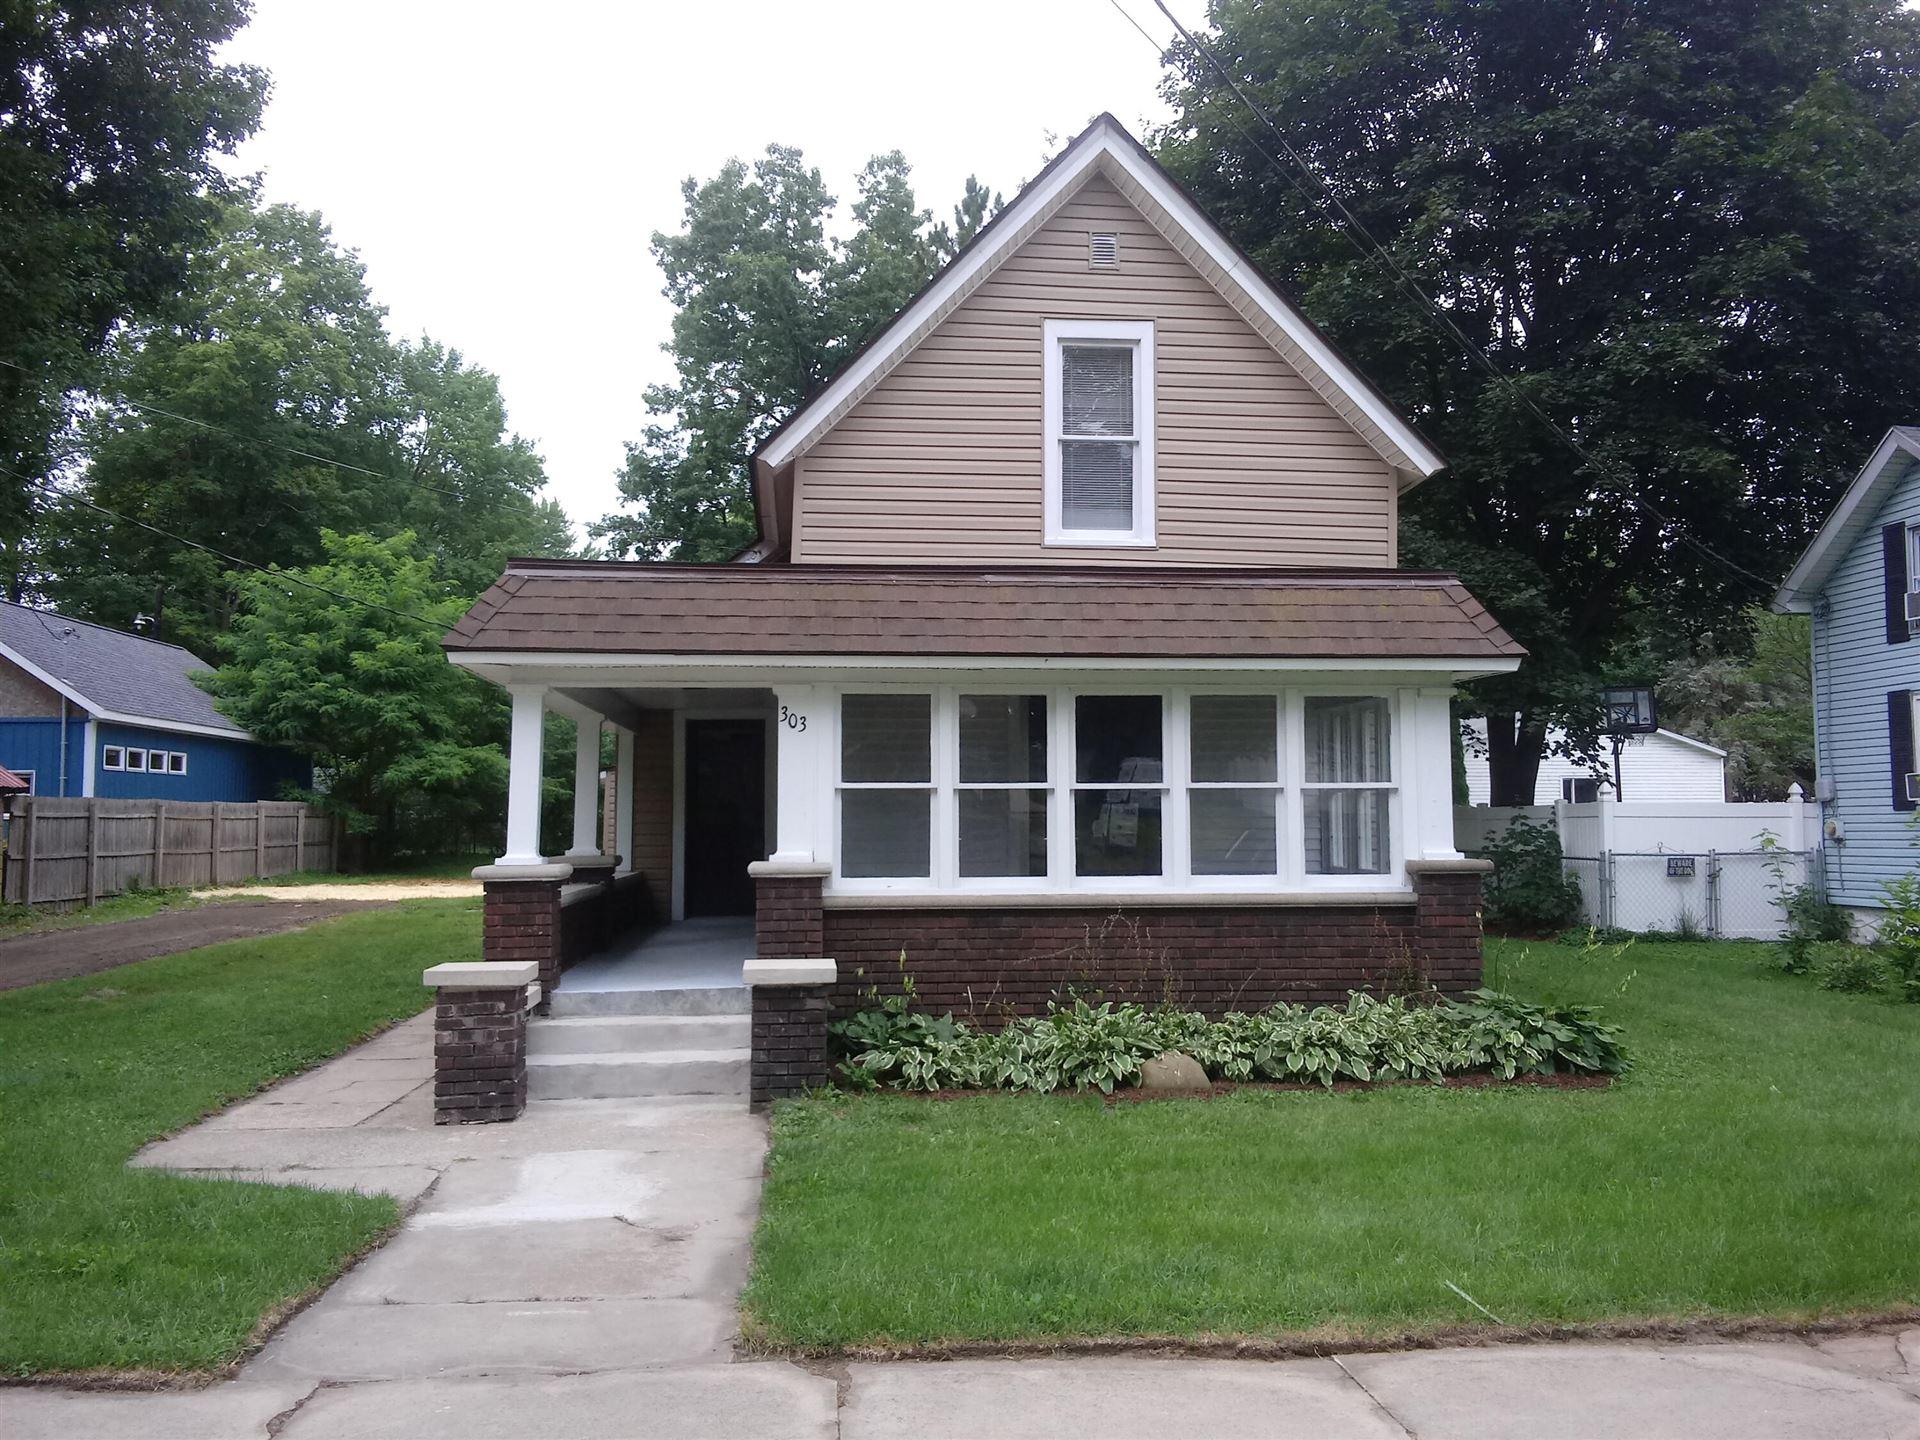 303 W Wayne Street, Dowagiac, MI 49047 - MLS#: 21099018